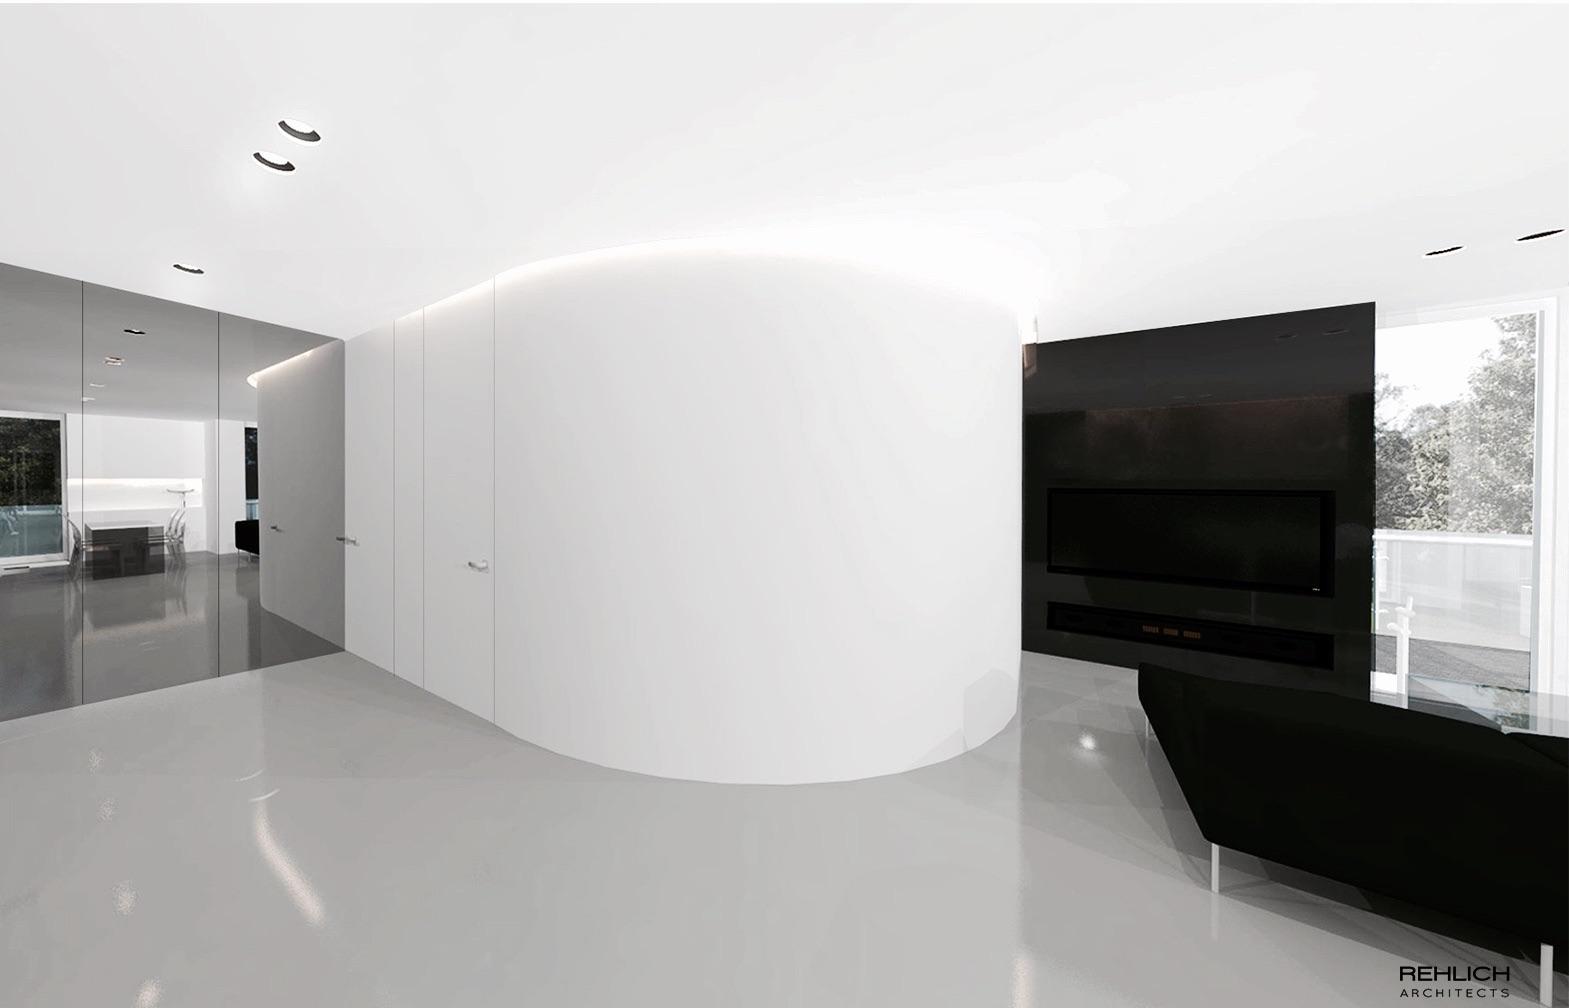 sabina rehlich rea architekci architekt wnetrz katowice warszawa london paris wien berlin architect interior visualization aranzacja adaptacja projekt architektura architektoniczny medusa kwkpromes konieczny